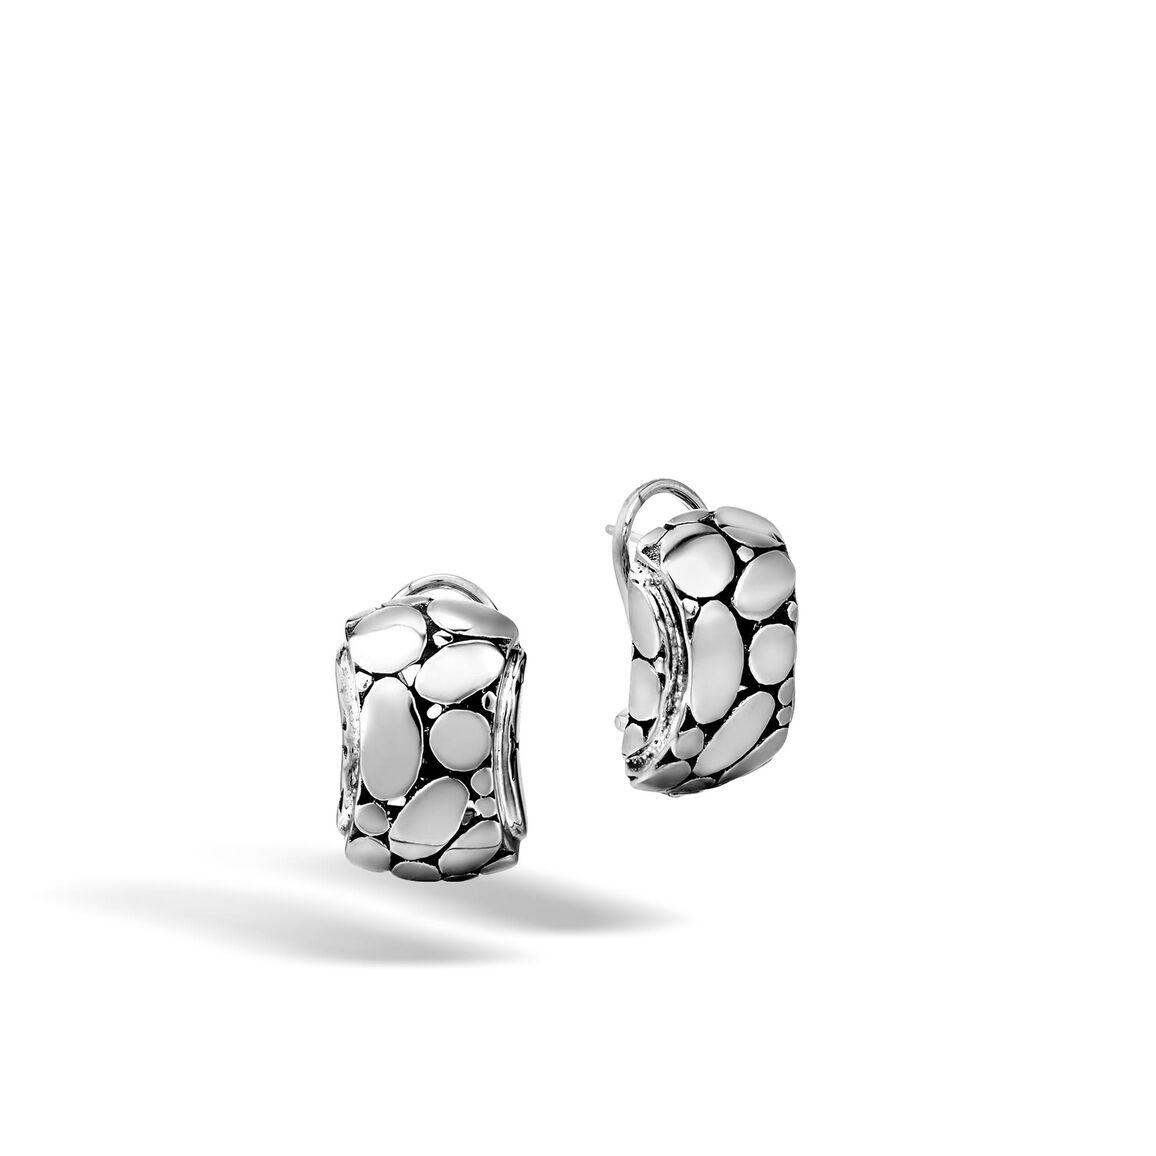 Kali Buddha Belly Earring in Silver